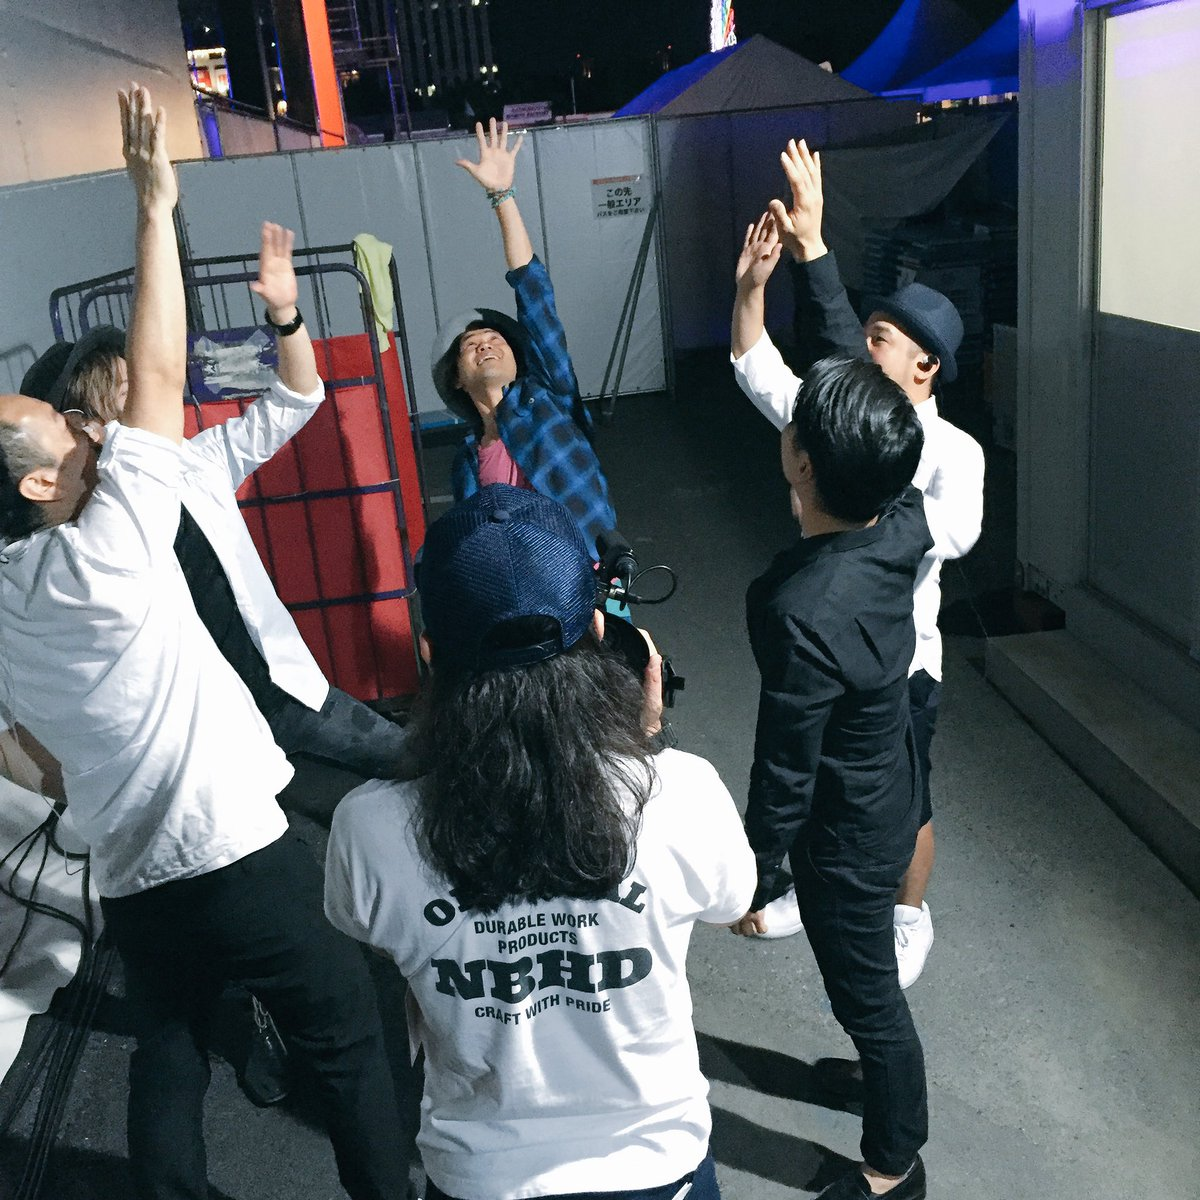 フジテレビ「FNS27時間テレビフェスティバル!」行ってきます! fujitv.co.jp/27h/…